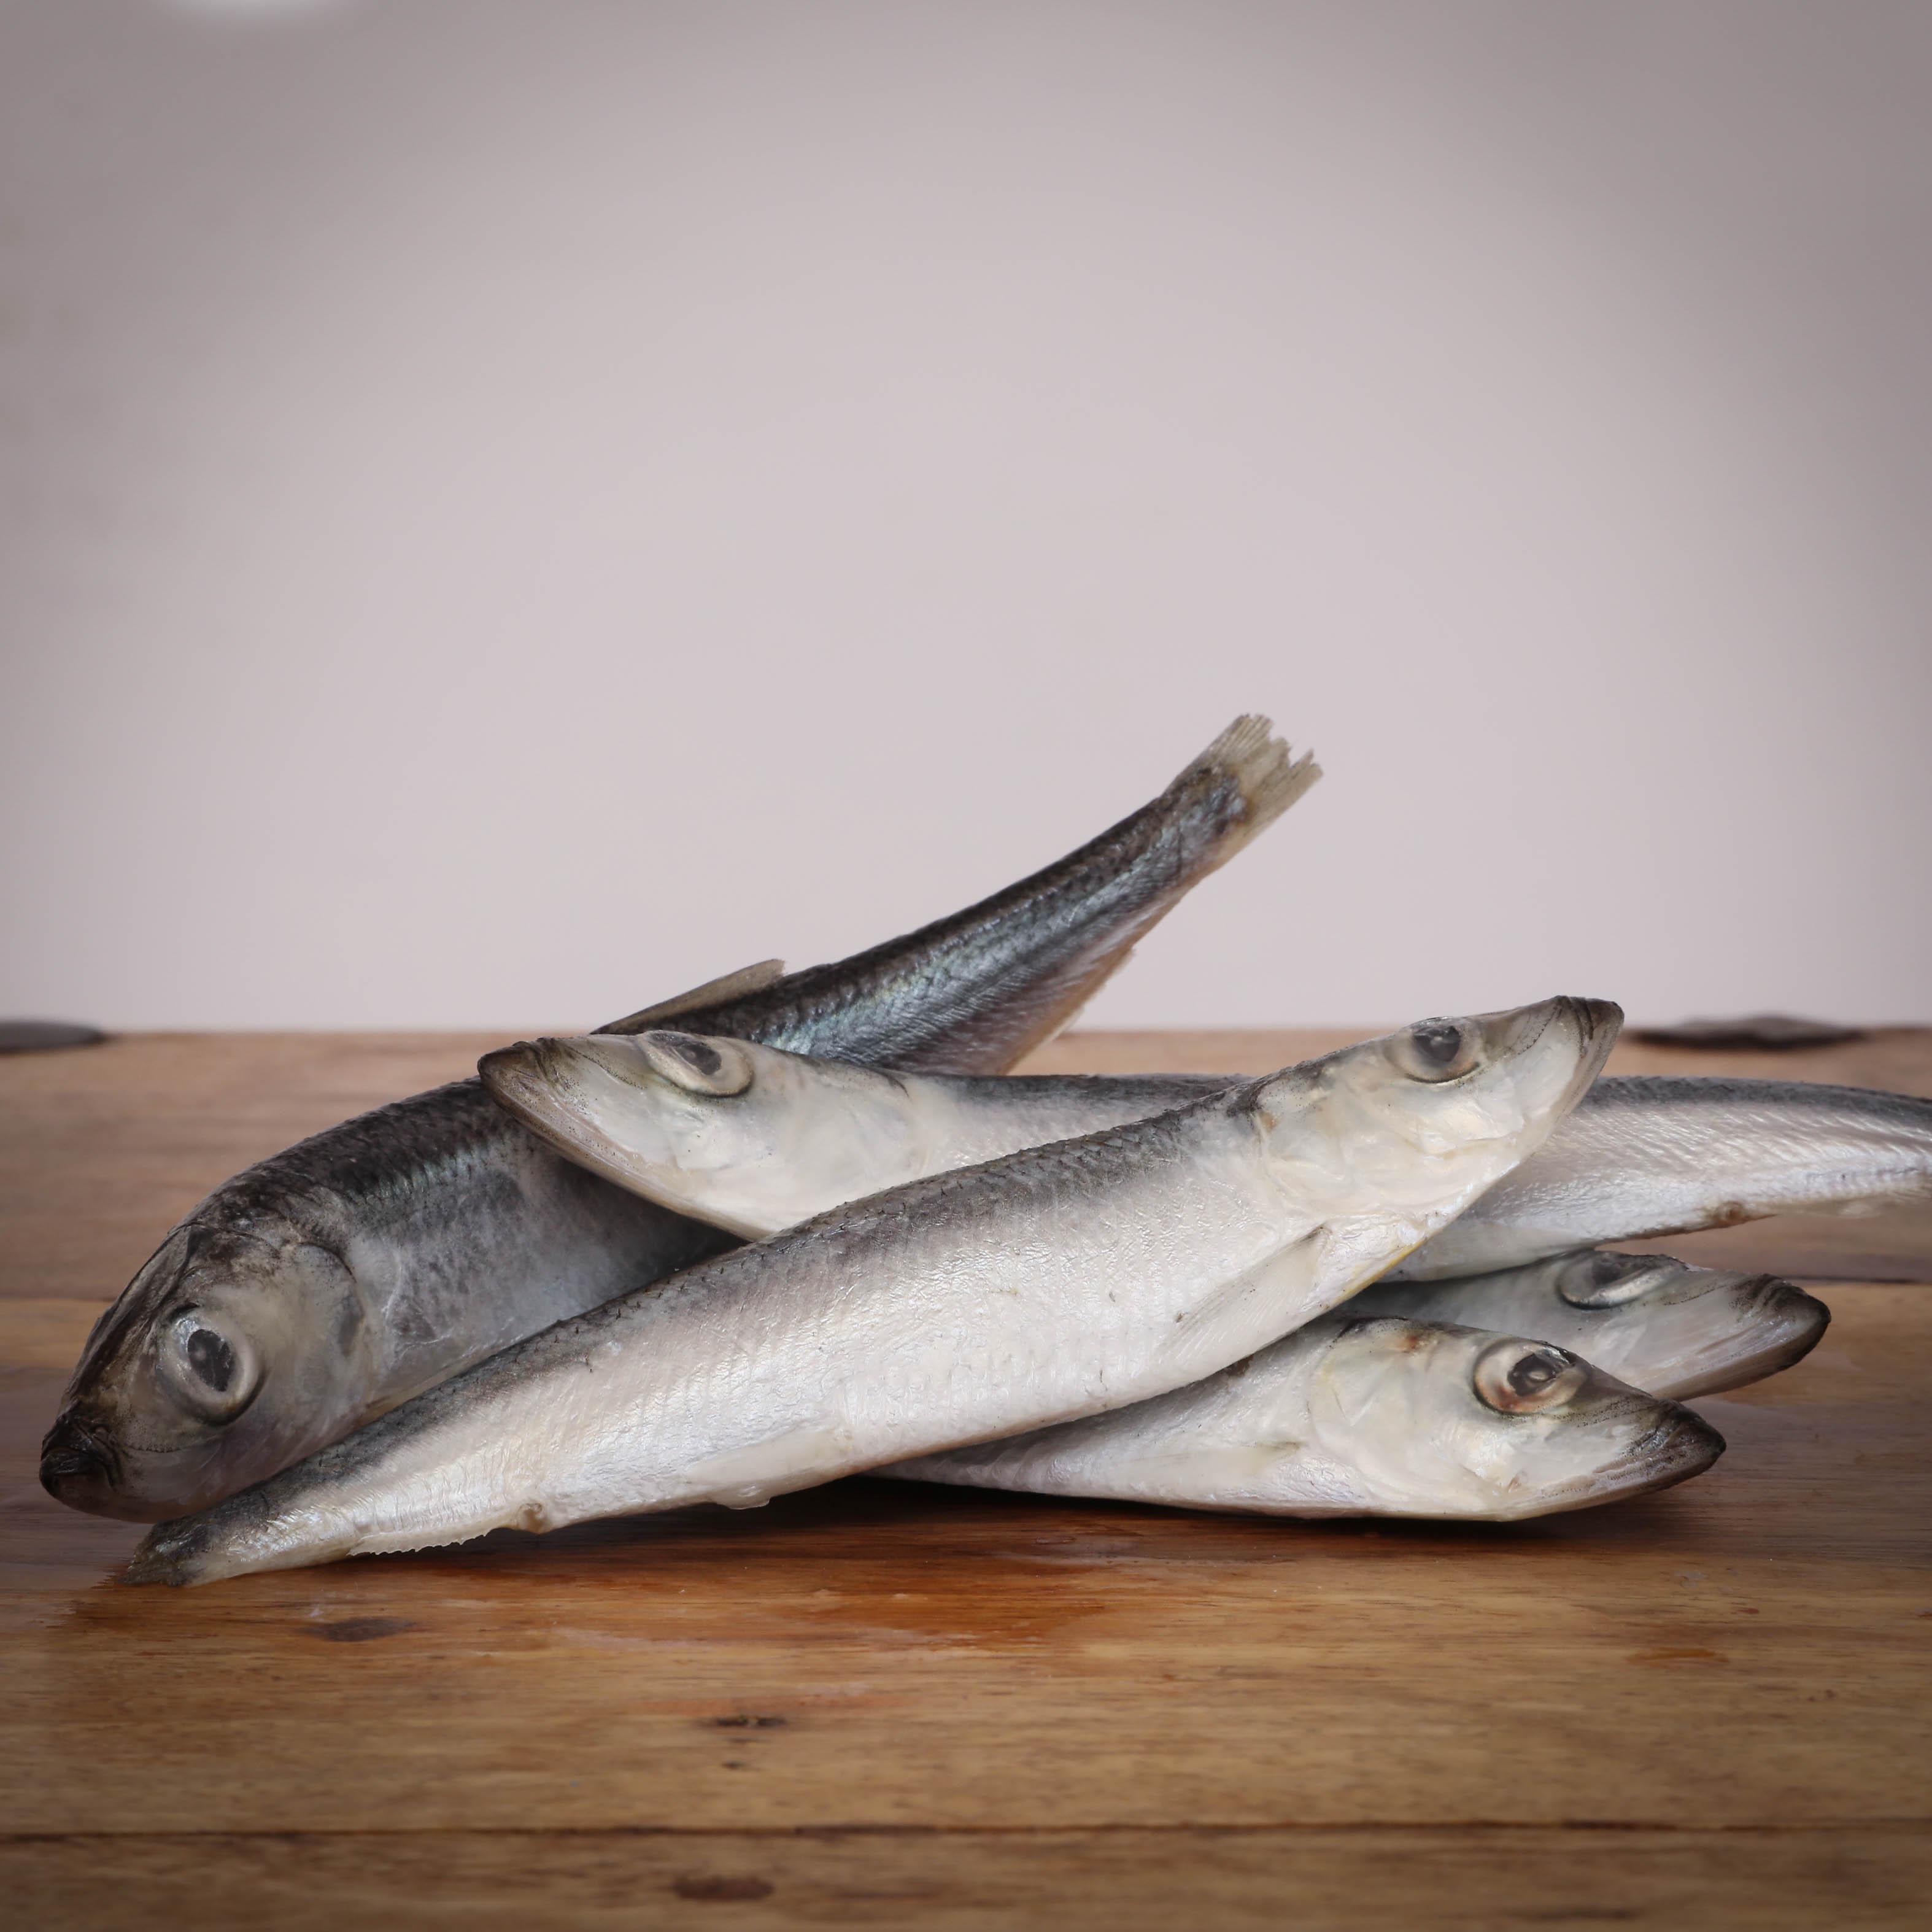 Heringe, ganze Fische 15-18cm, lose für Katzen